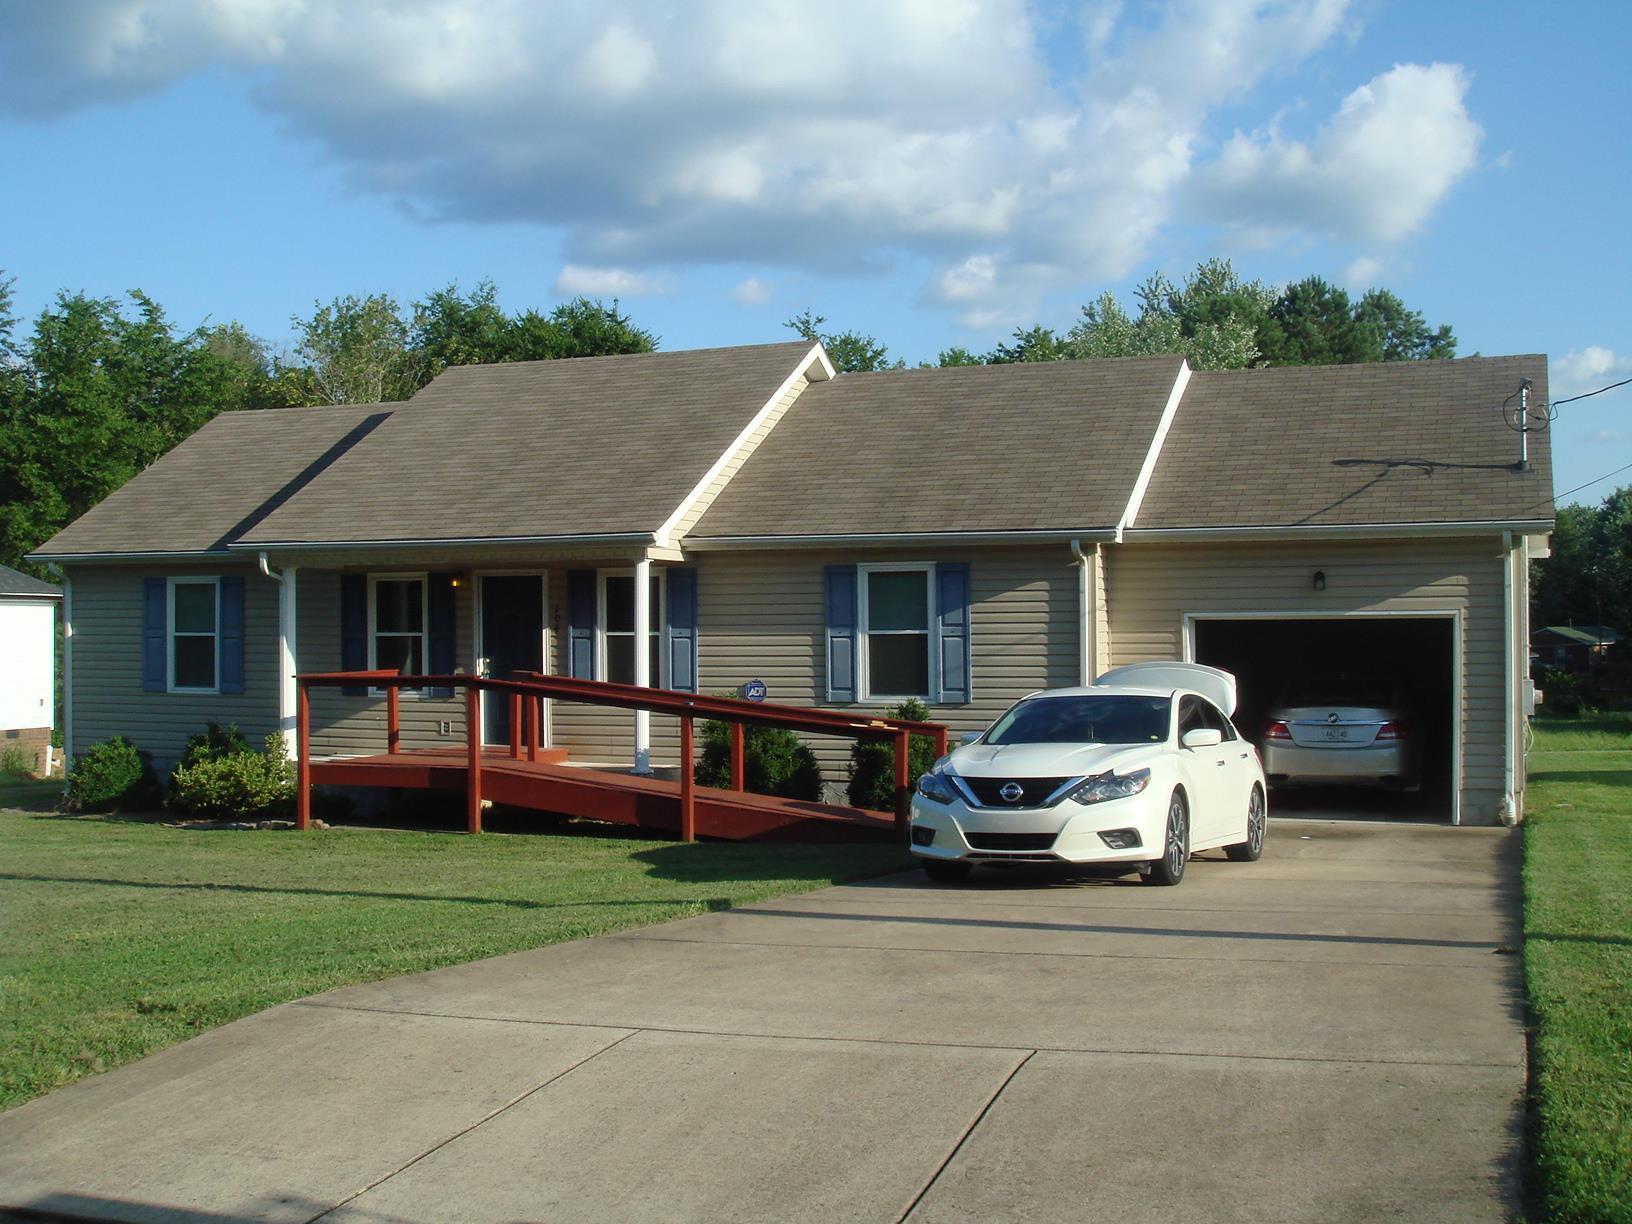 104 Grace Ln, Shelbyville, TN 37160 - Shelbyville, TN real estate listing